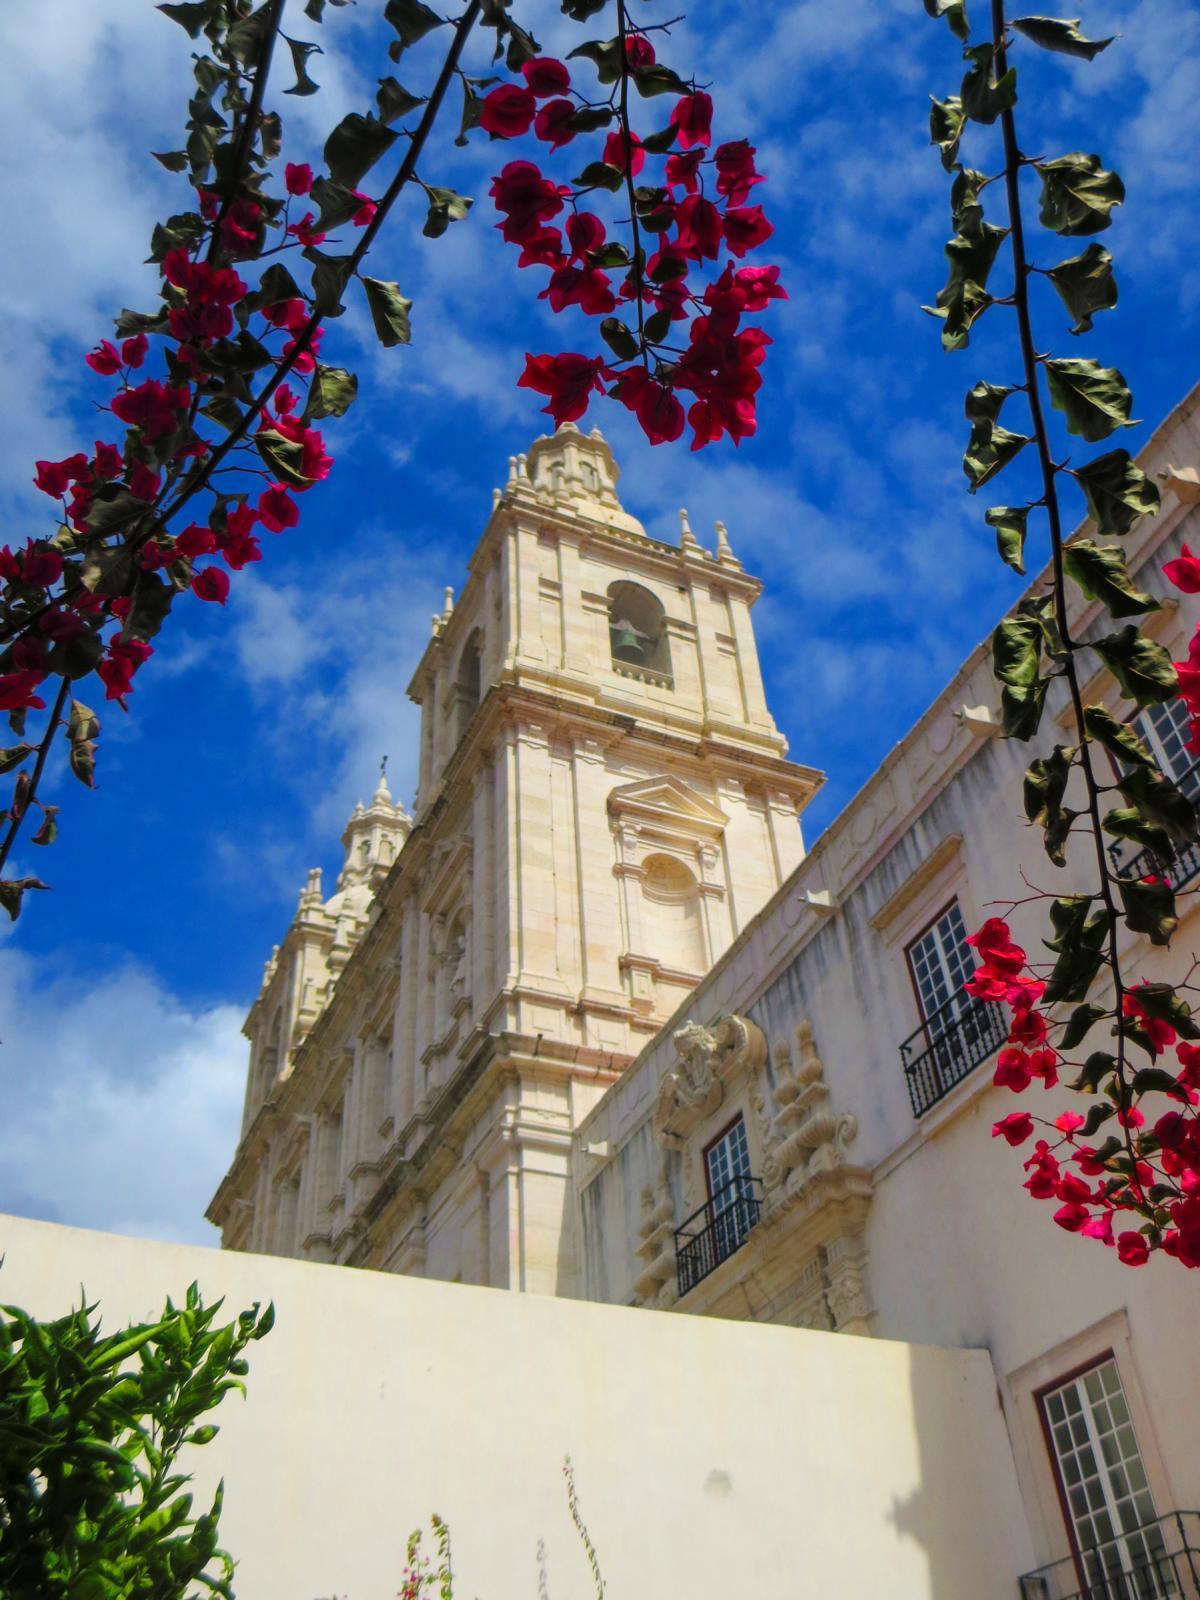 Städtetrip Lissabon Sehenswürdigkeiten Kloster von São Vicente de Fora Portugal